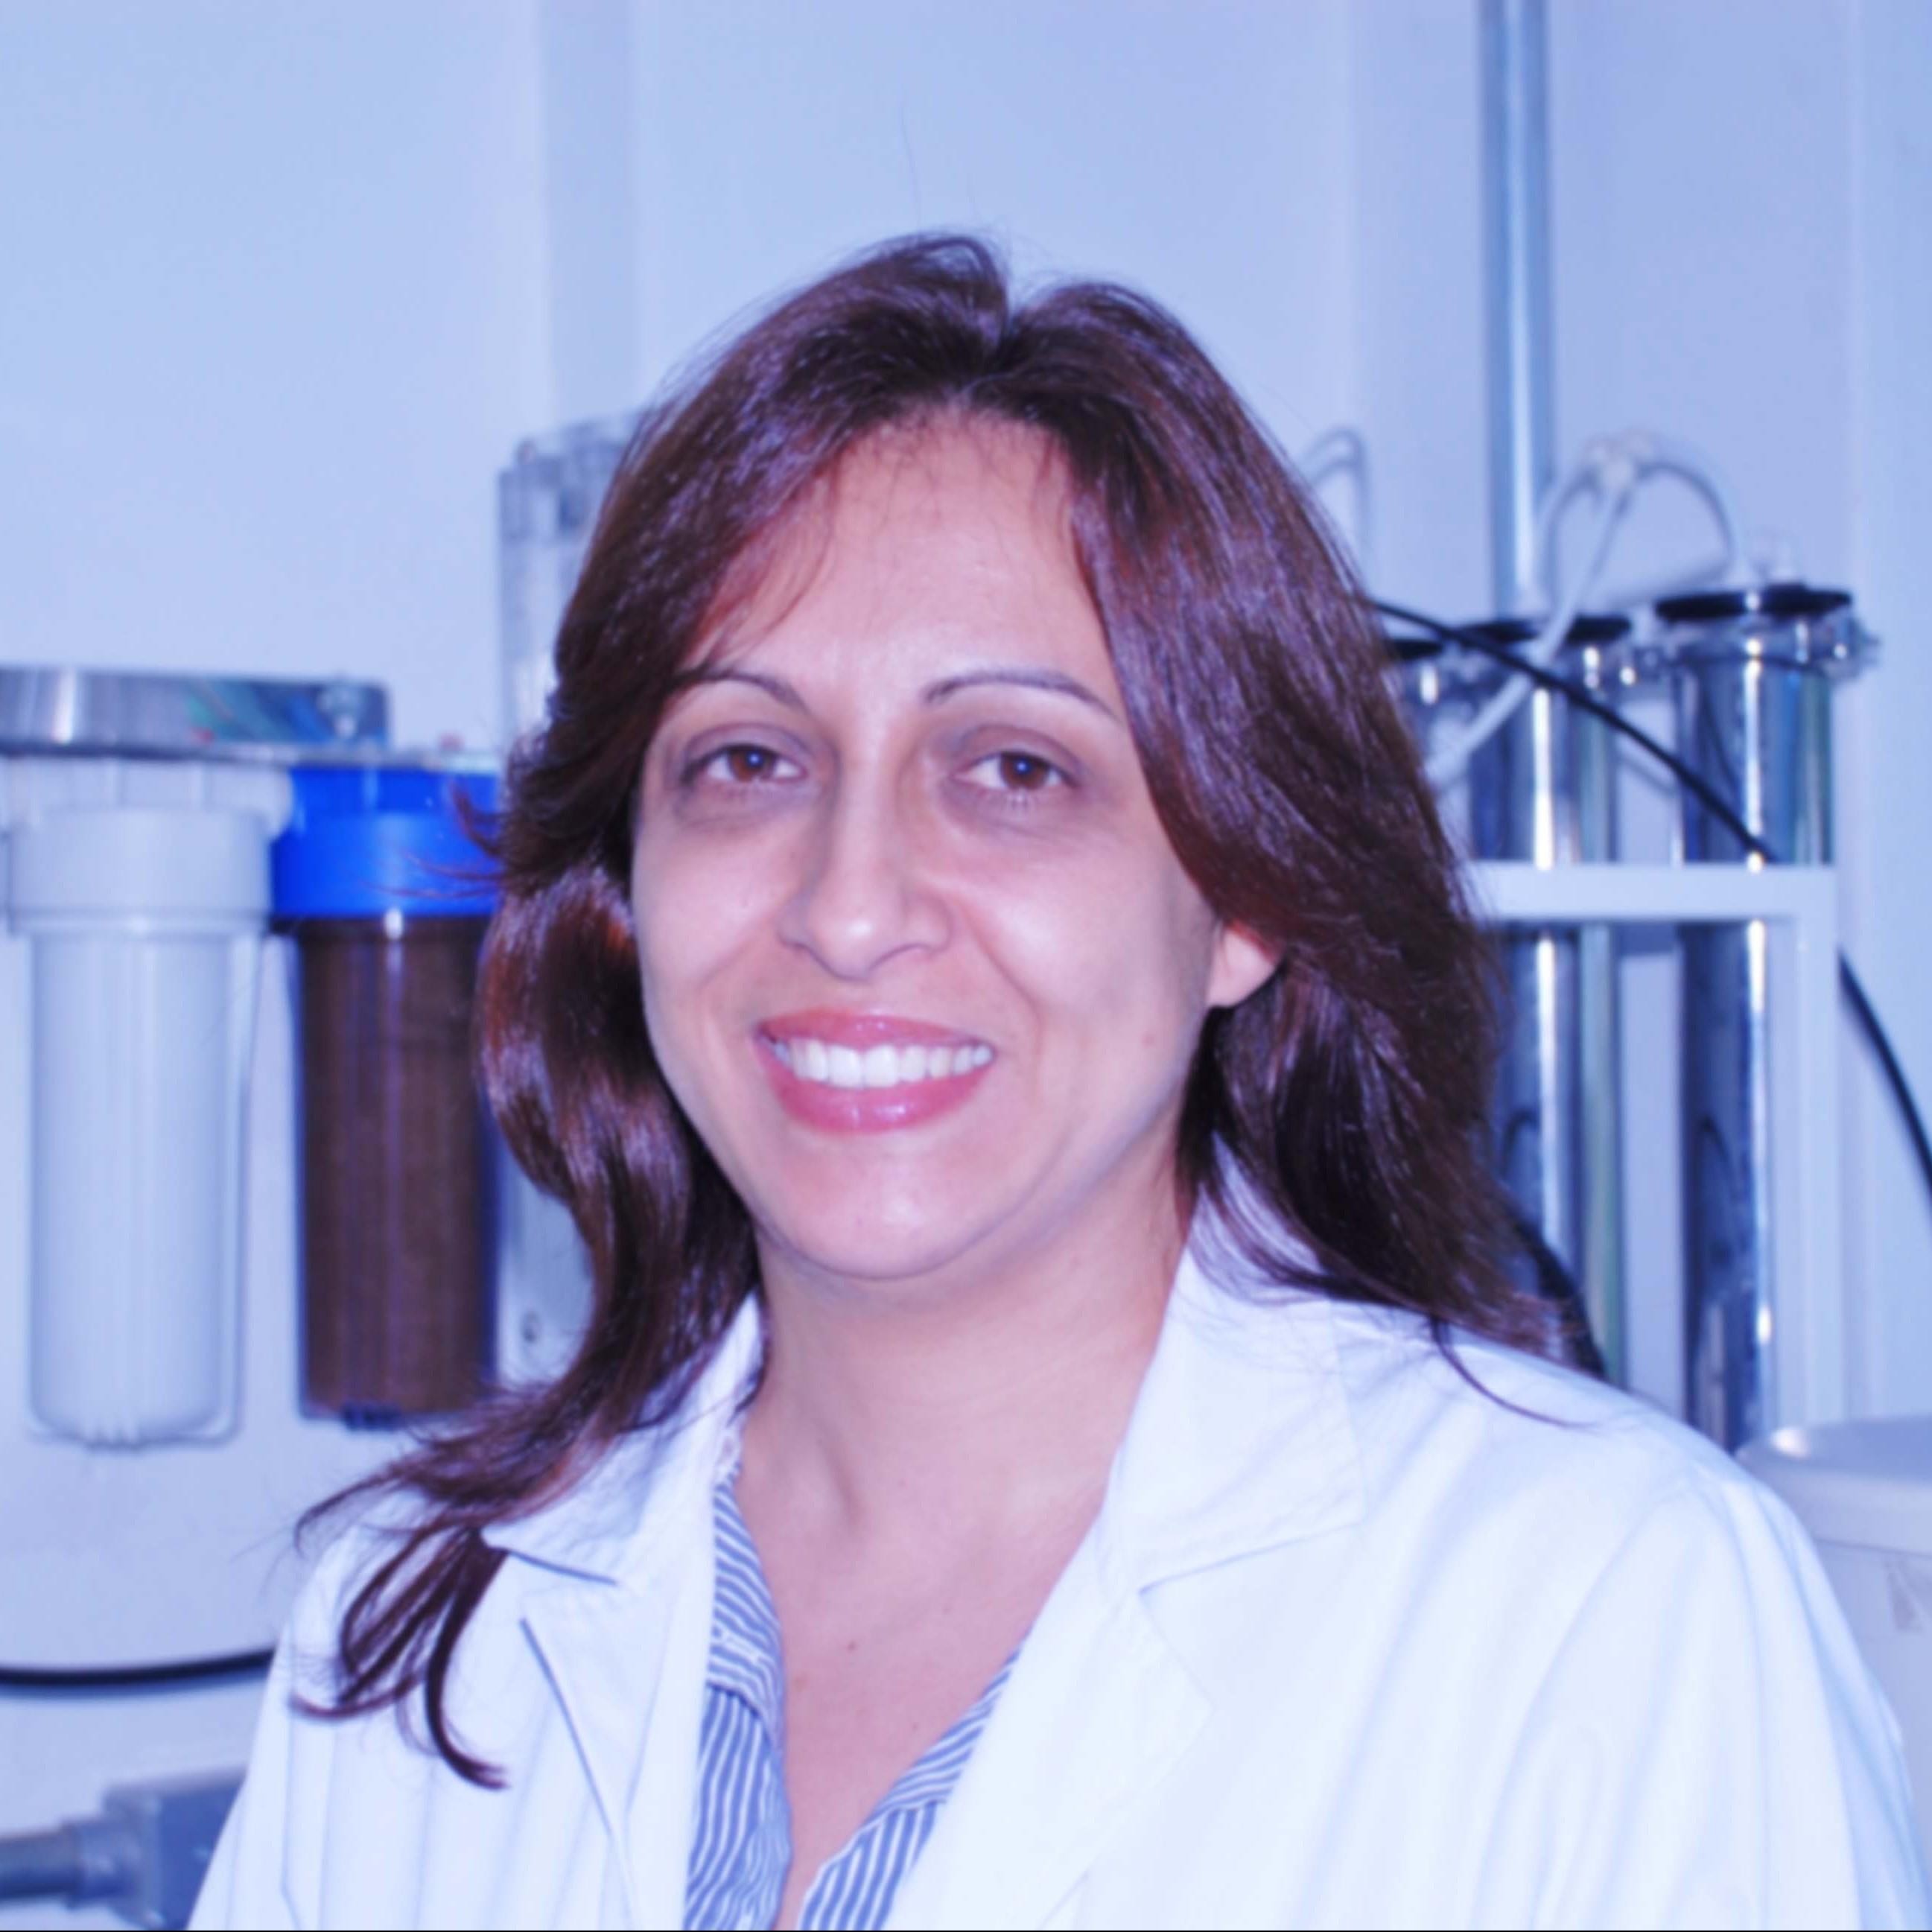 Eng. Msc. Luana di Beo Rodrigues